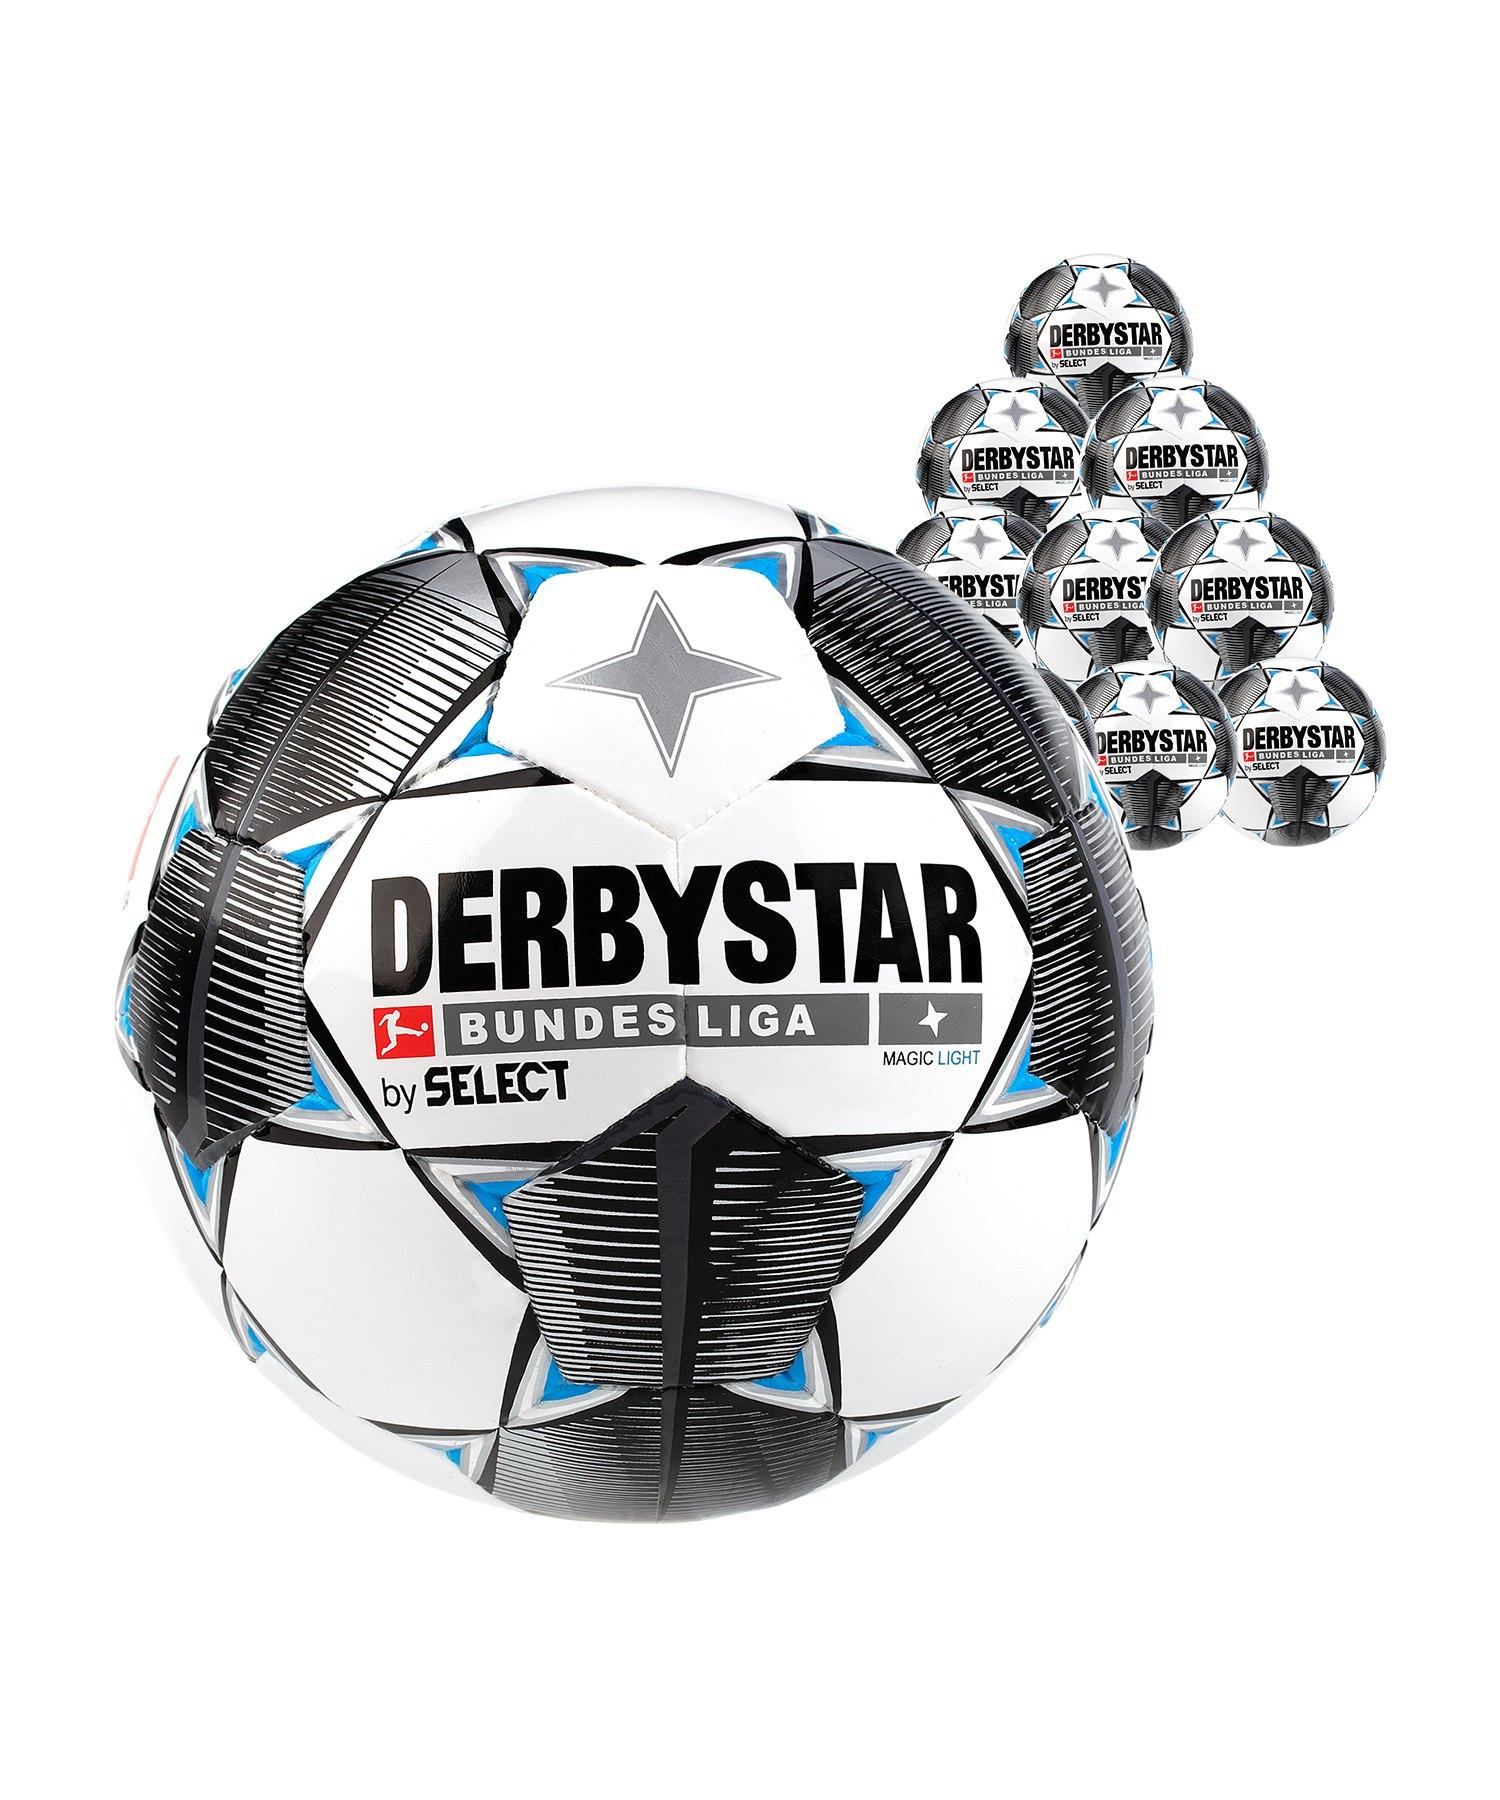 Derbystar Buli Magic Light 350g 20x Gr.4 Weiss F019 - weiss